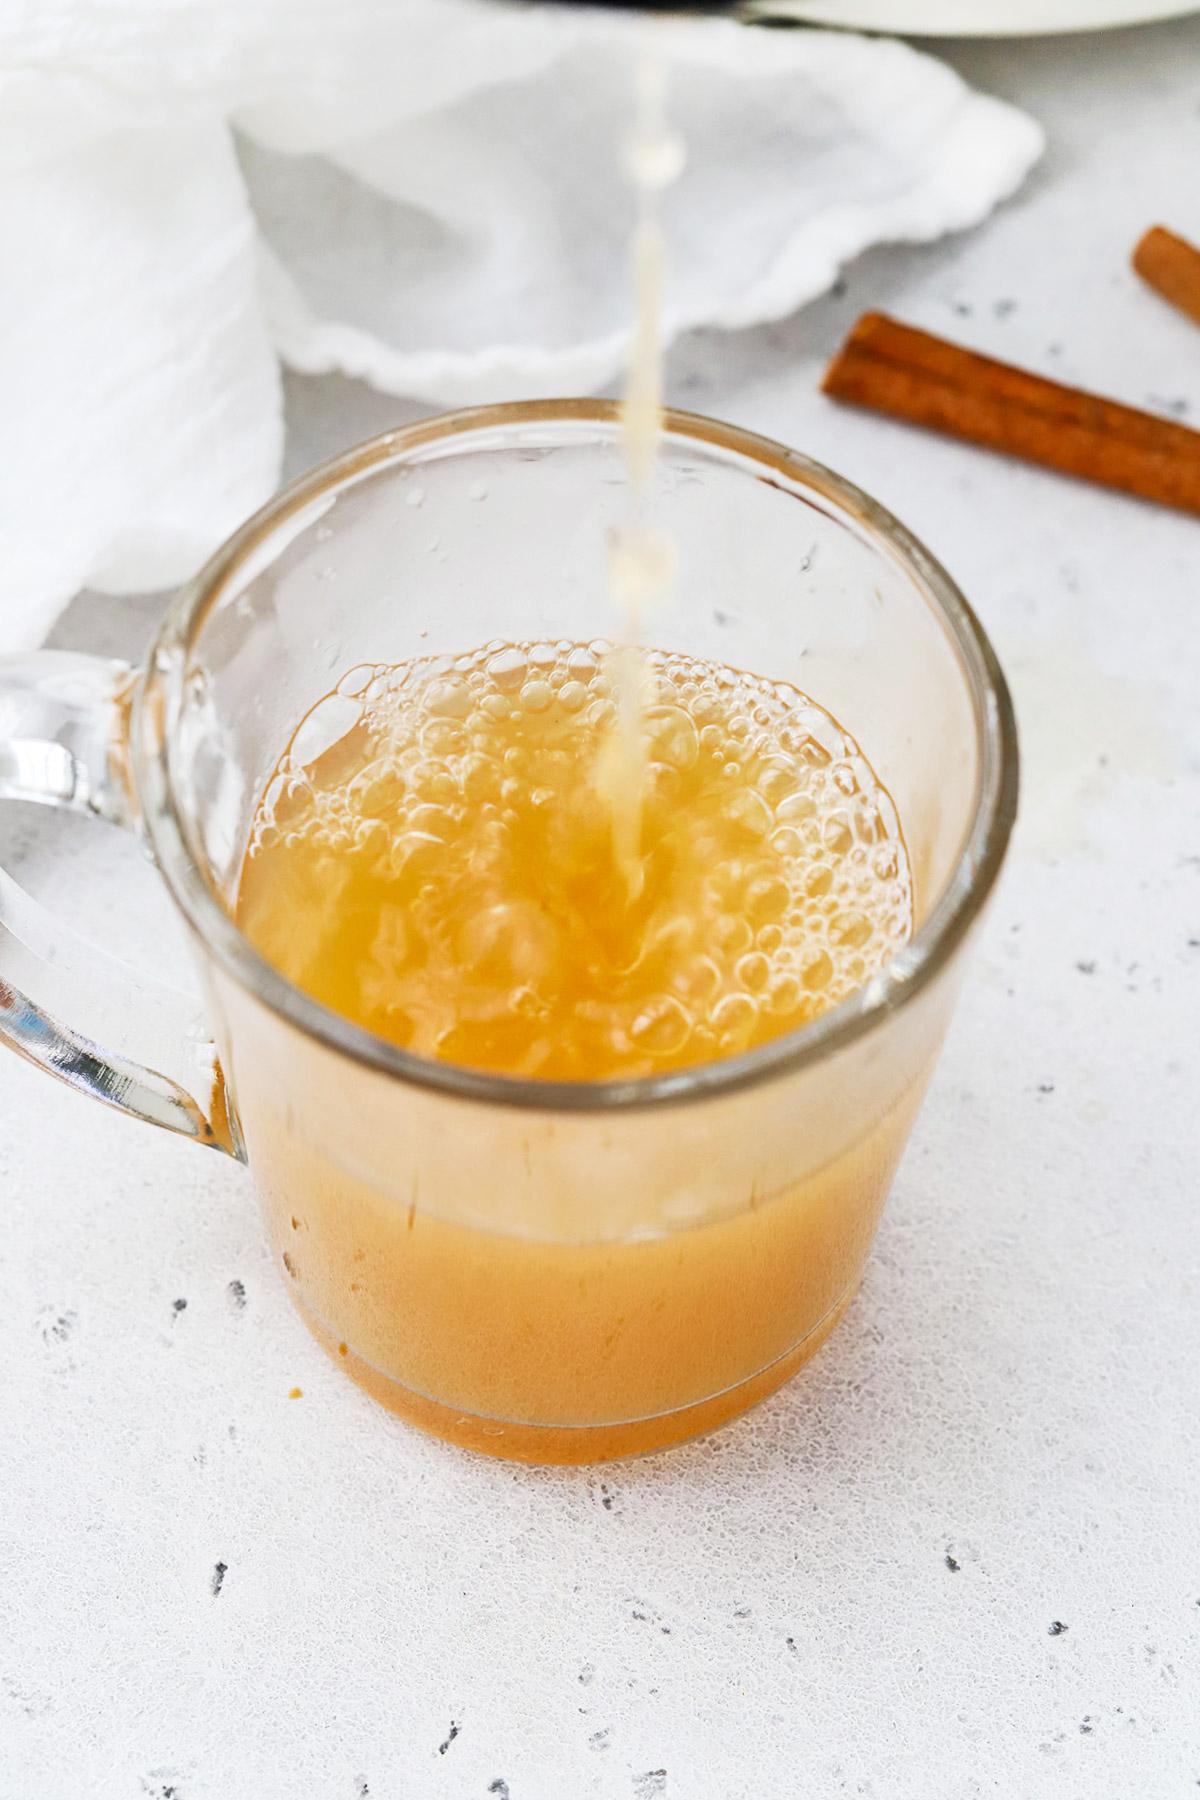 Pouring hot spiced cider into a glass mug